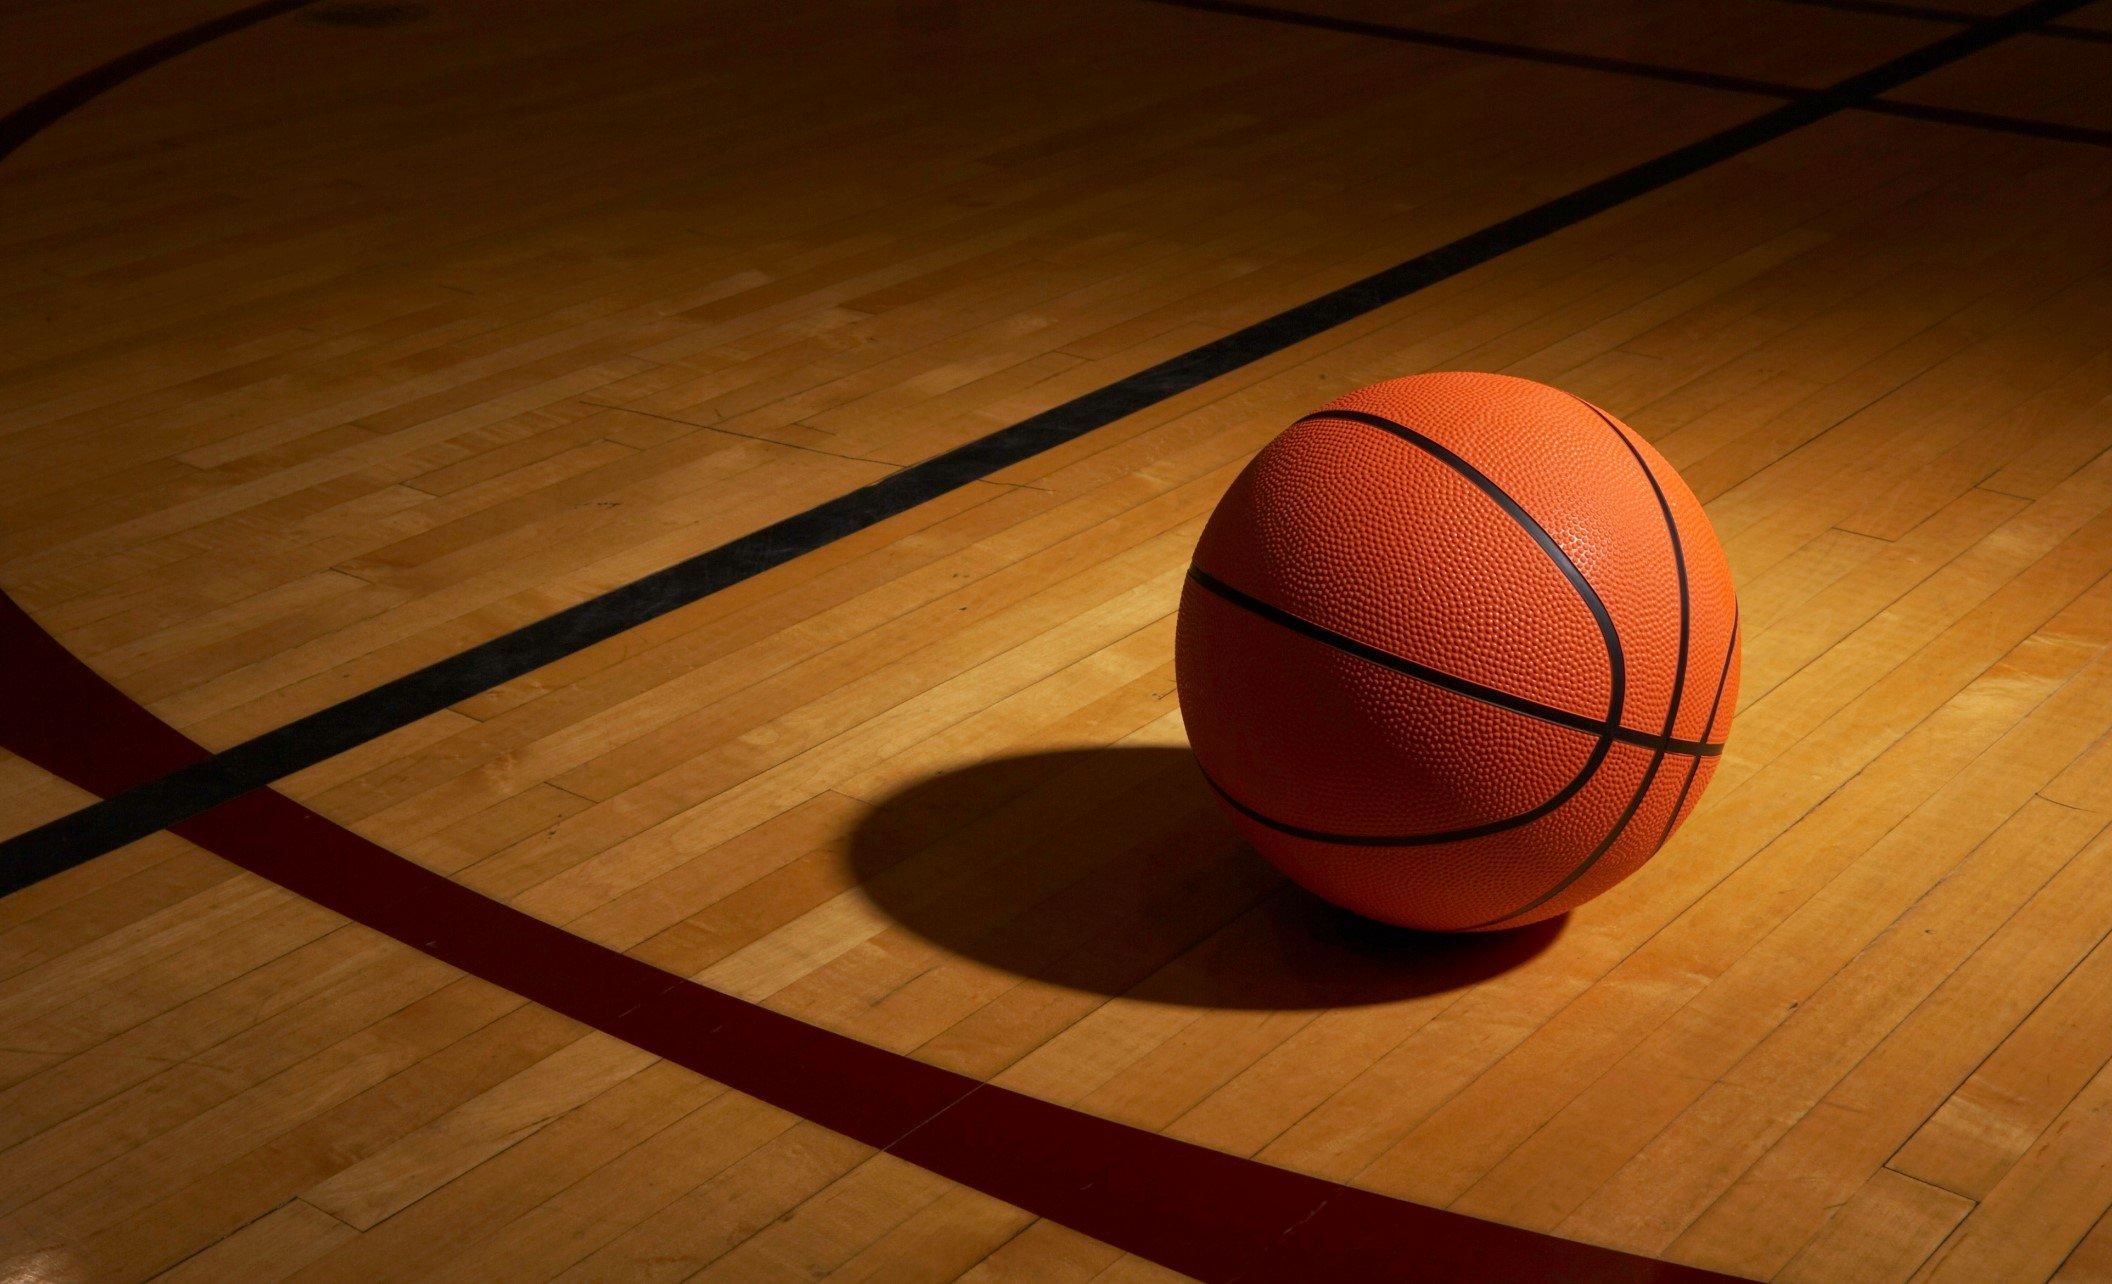 Jueves de cuentos: Mi oscuro regreso al baloncesto - Radio Cantilo